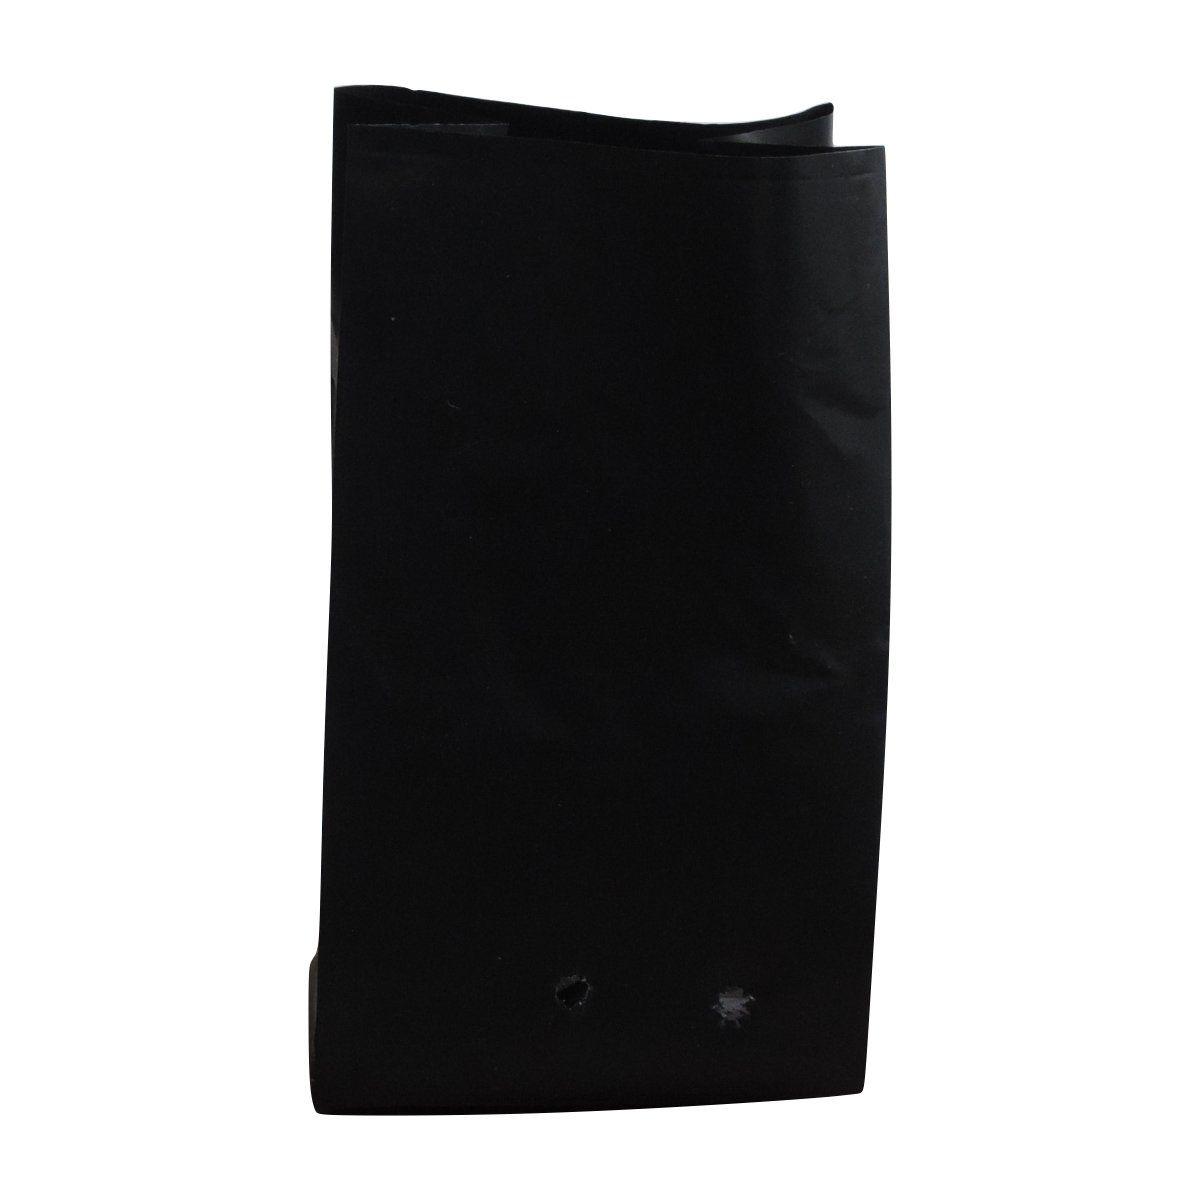 Saco para mudas aproximadamente 15cm x 28cm plástico preto para cacau 100 unidades